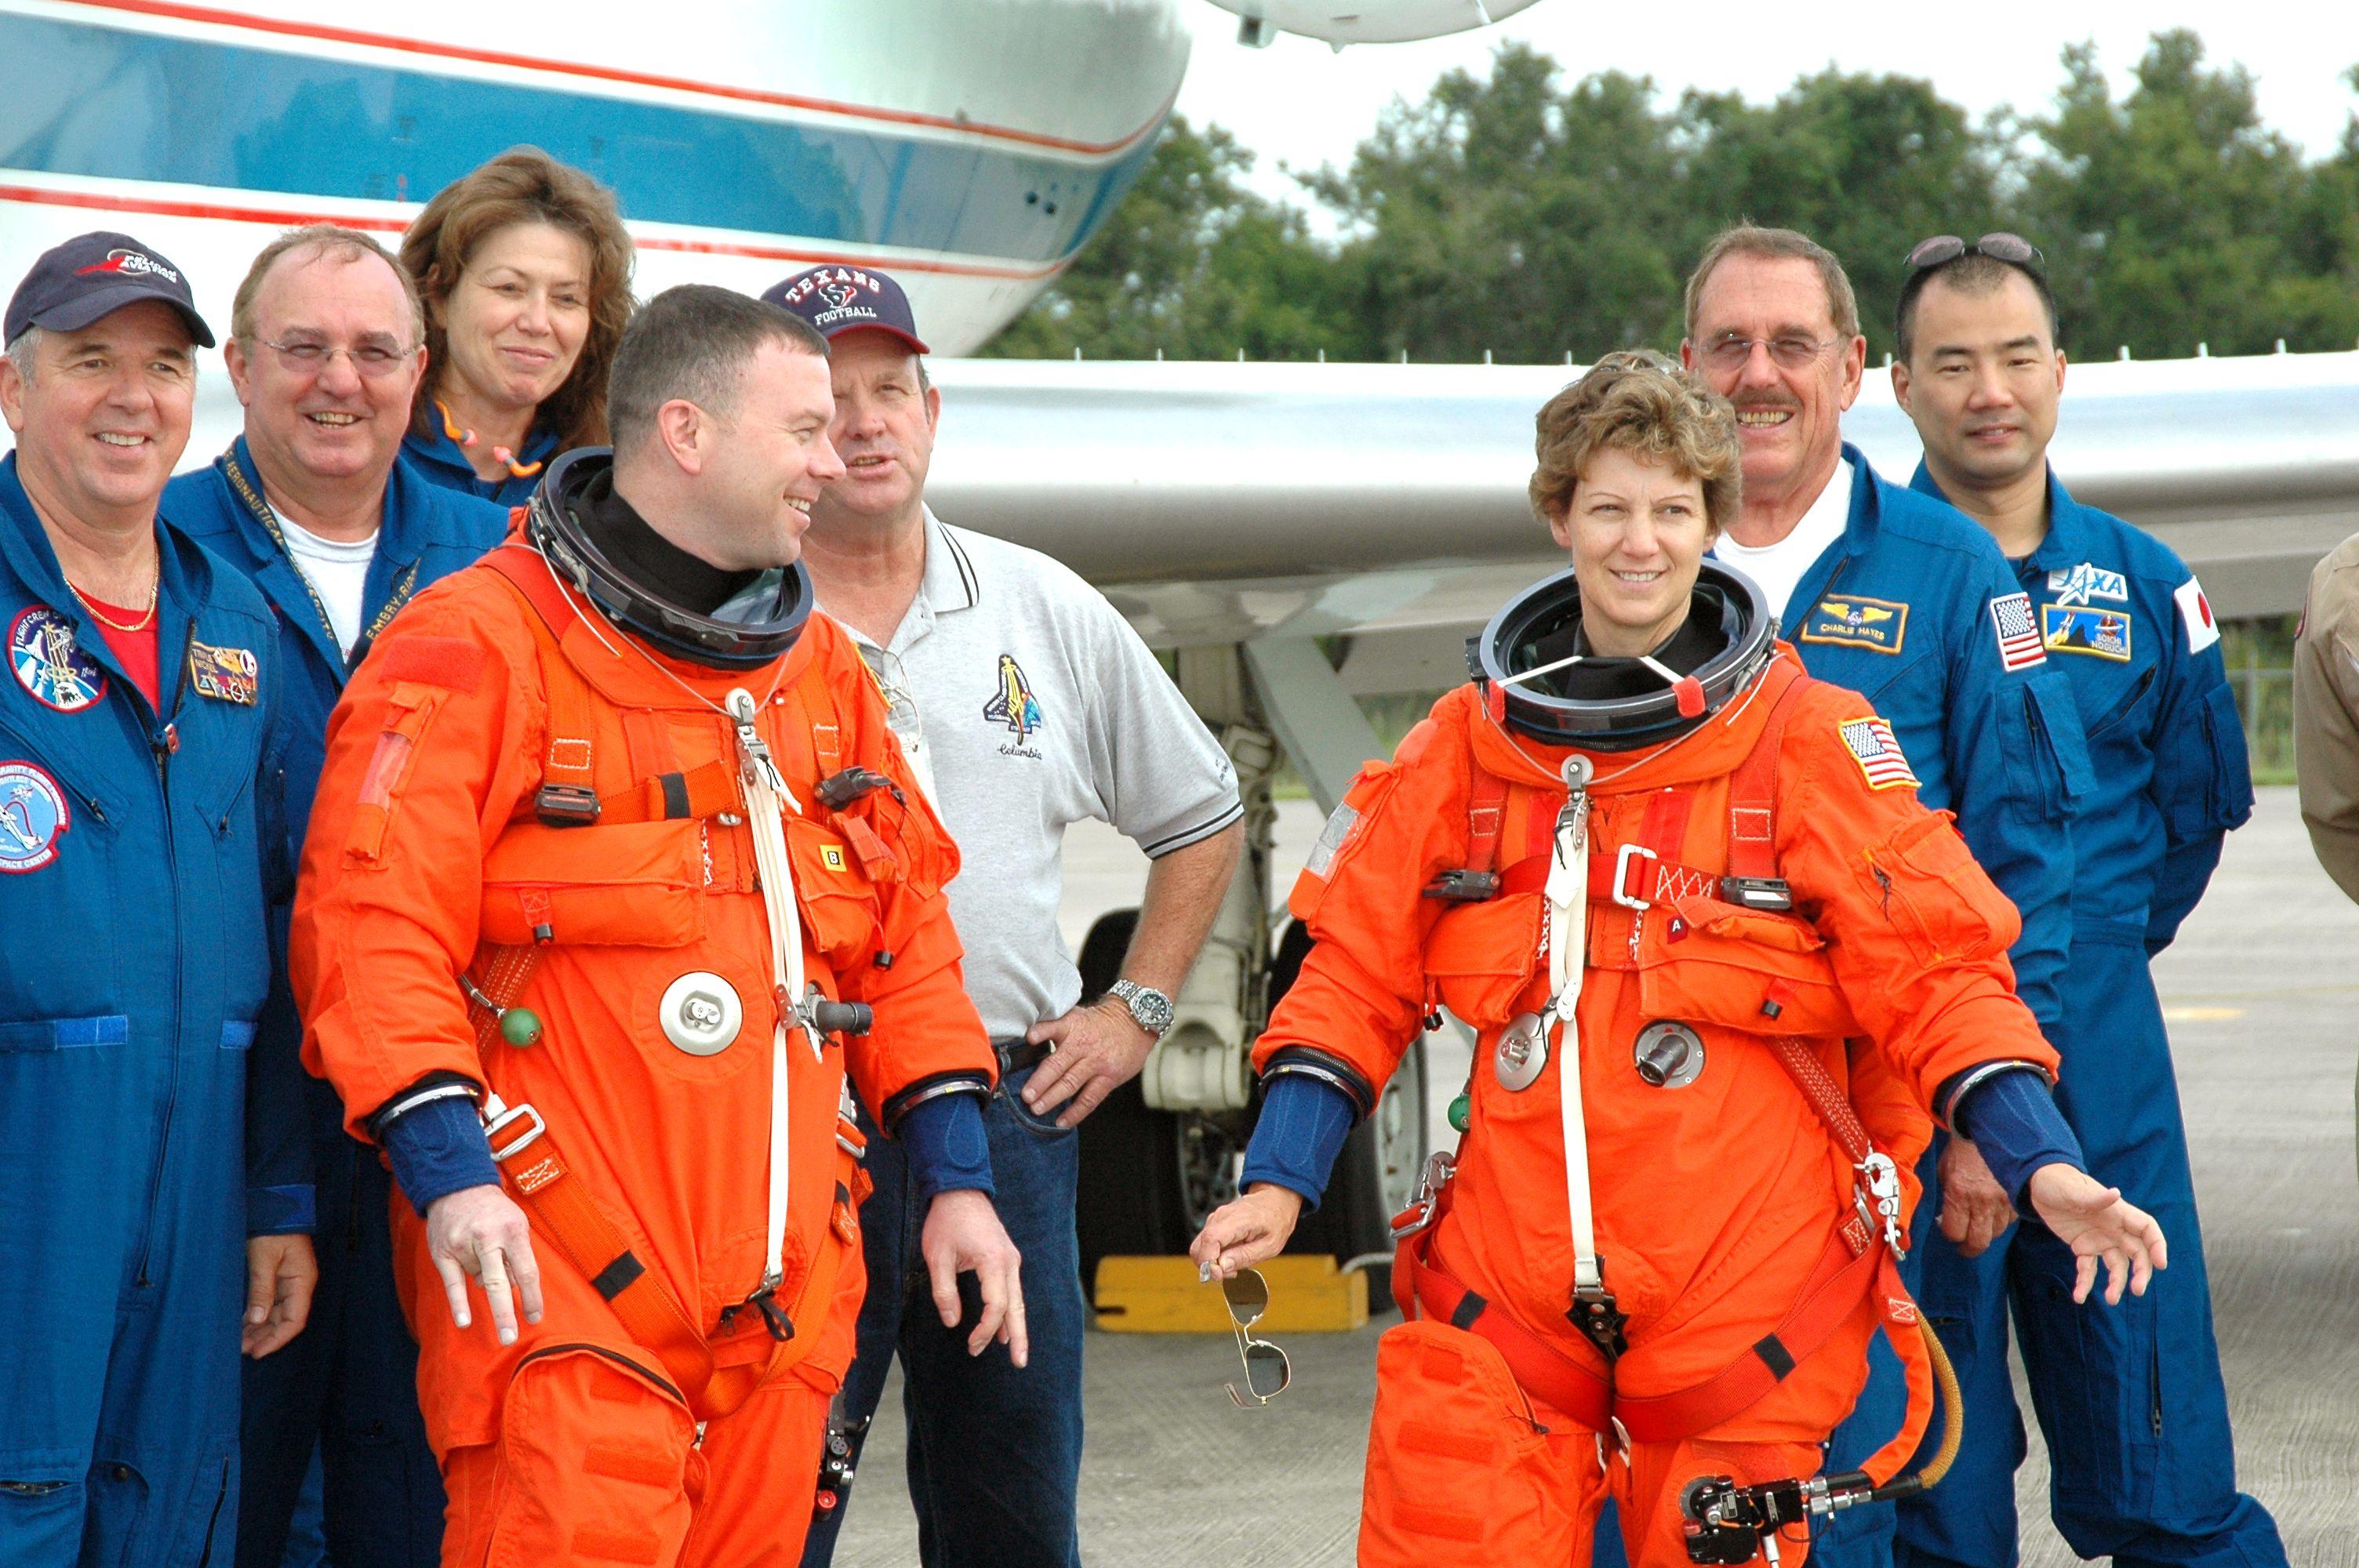 La tripulación del Discovery, el 12 de julio de 2005. Crédito: NASA